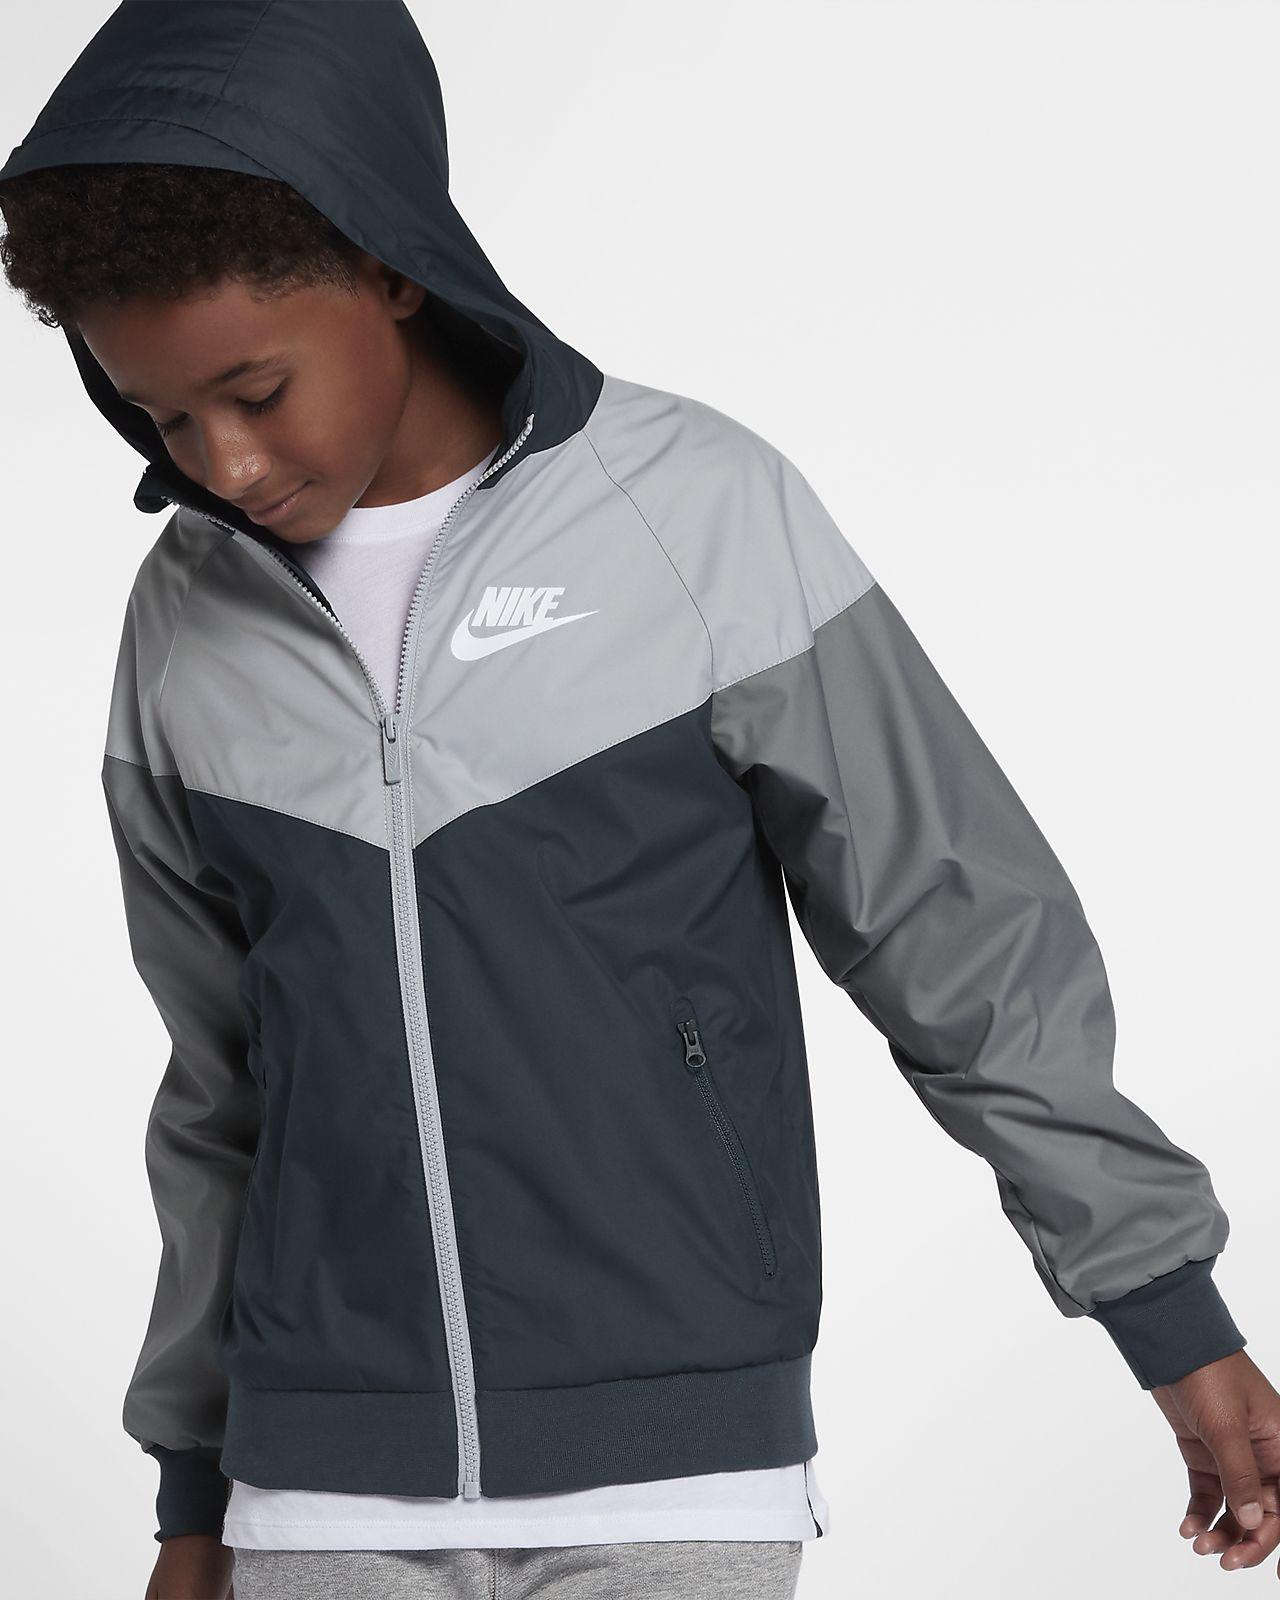 Sportswear Rose Garcon Sportswear Rose Nike Nike Rose Garcon Nike Nike Garcon Sportswear Sportswear kZiOPXu